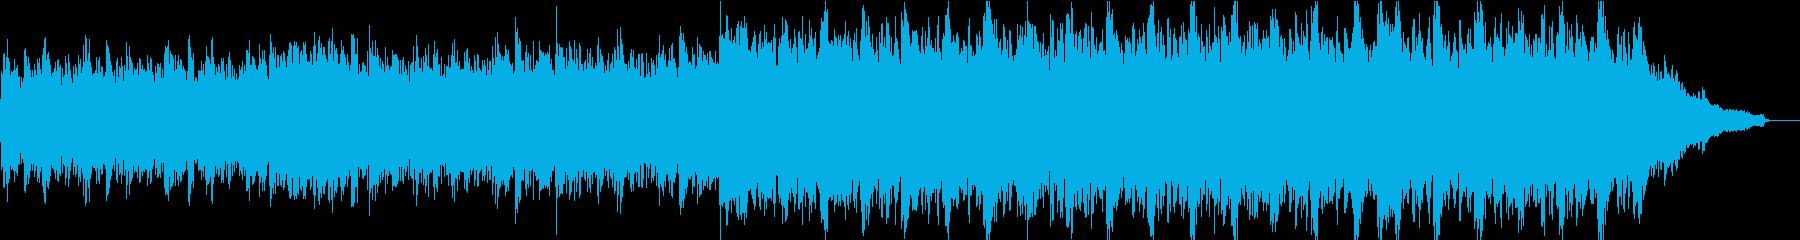 現代的な和風管弦楽③ピアノと弦楽のみの再生済みの波形